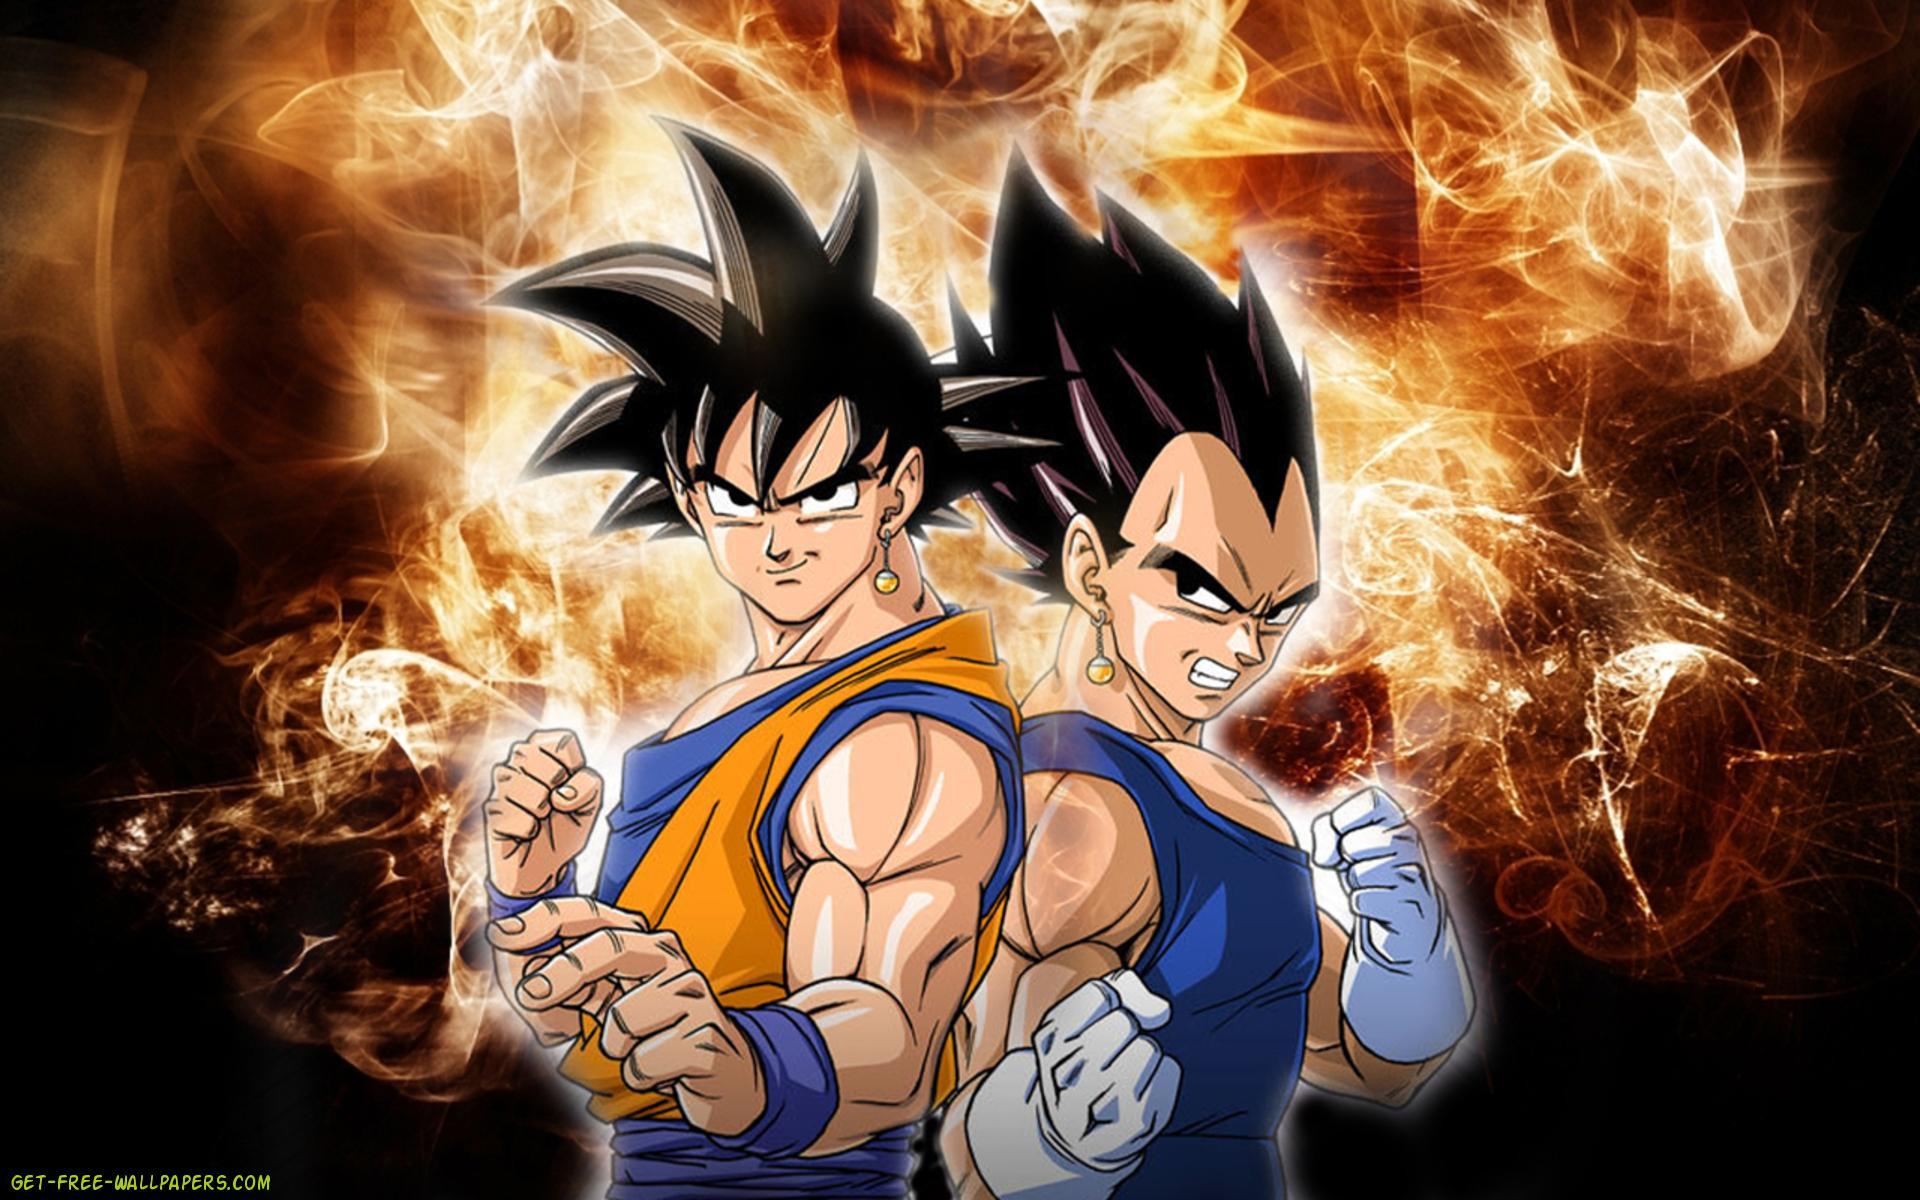 Dragon Ball Z Goku vs Frieza HD Wallpaper 1920x1200